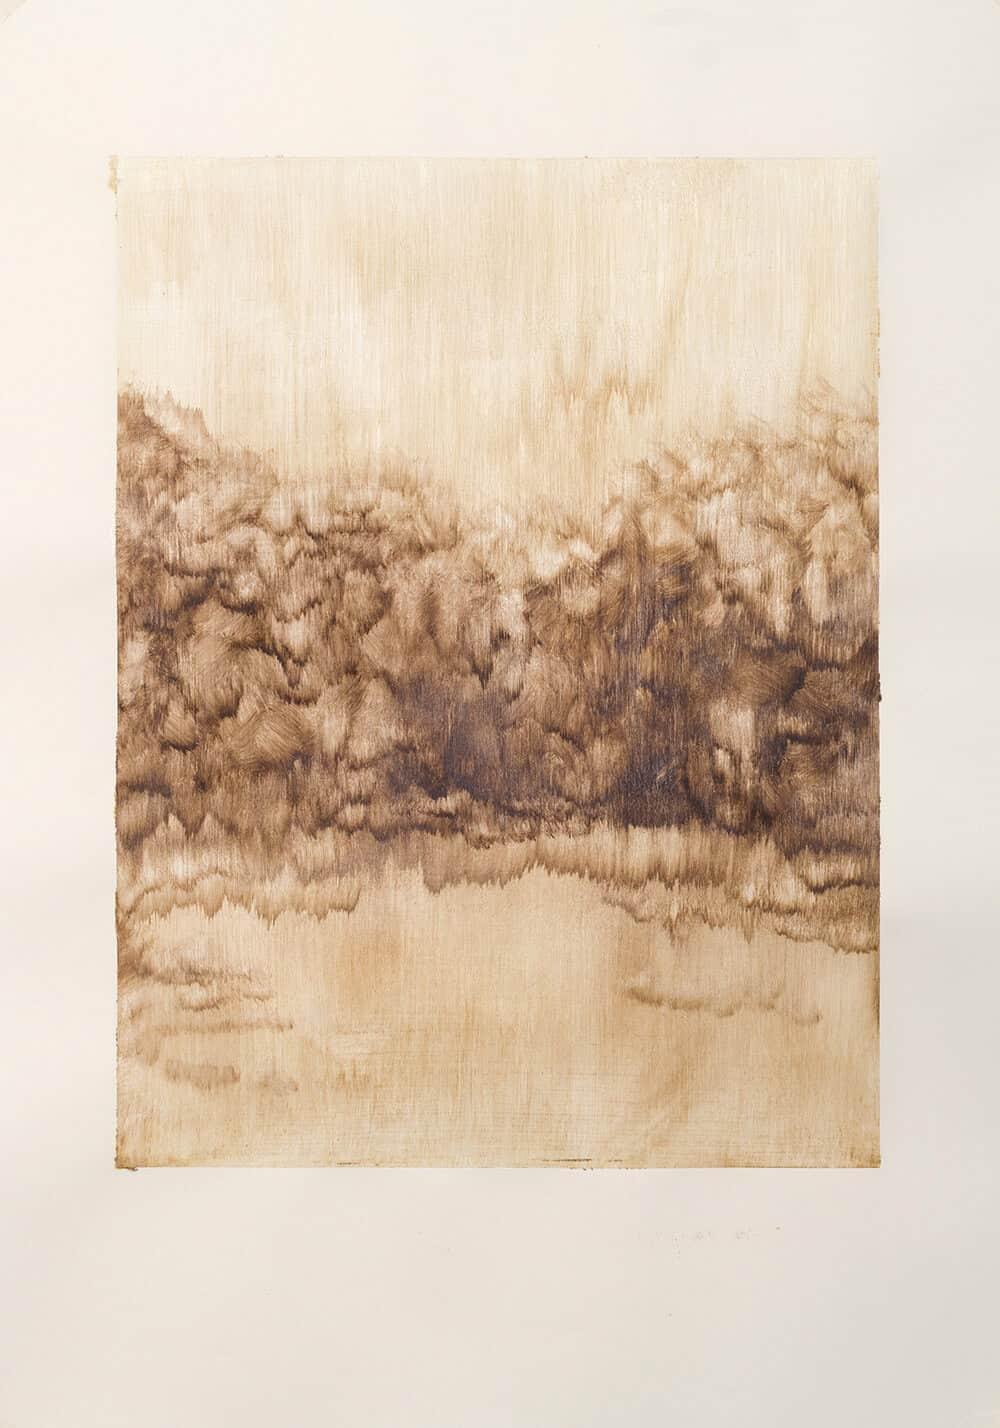 Zarah Cassim, So Familiar II, 2018. Oil on Paper. 600x420mm. Unframed size.